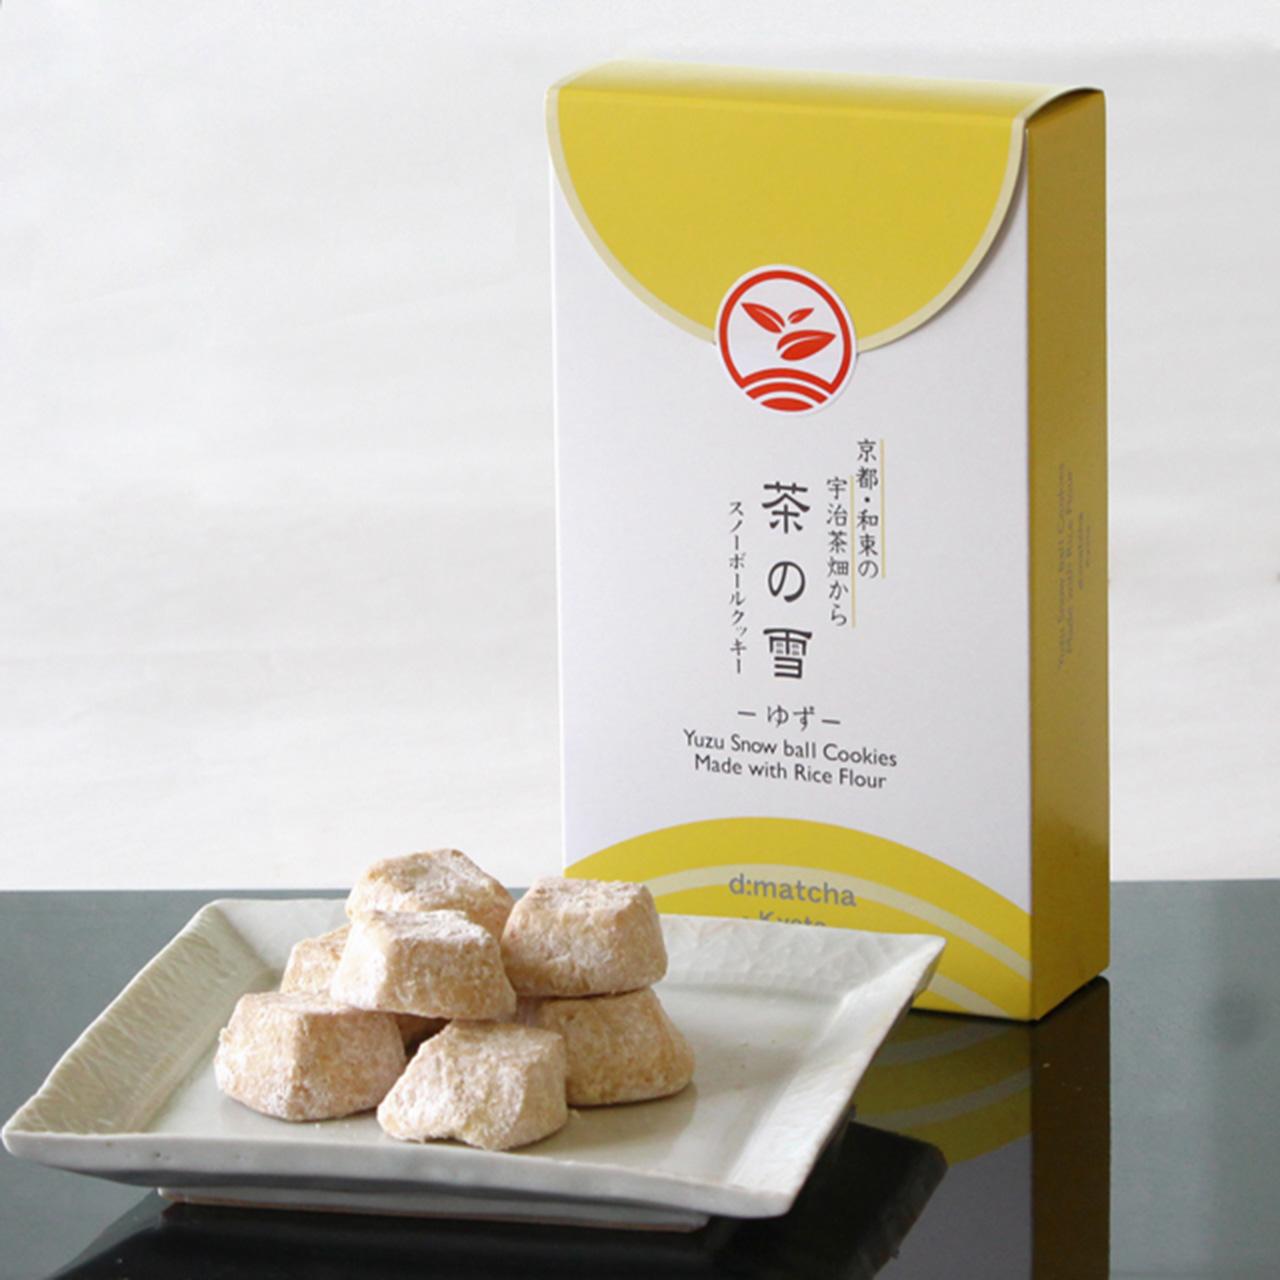 D-matchaさくほろクッキー「茶の雪」